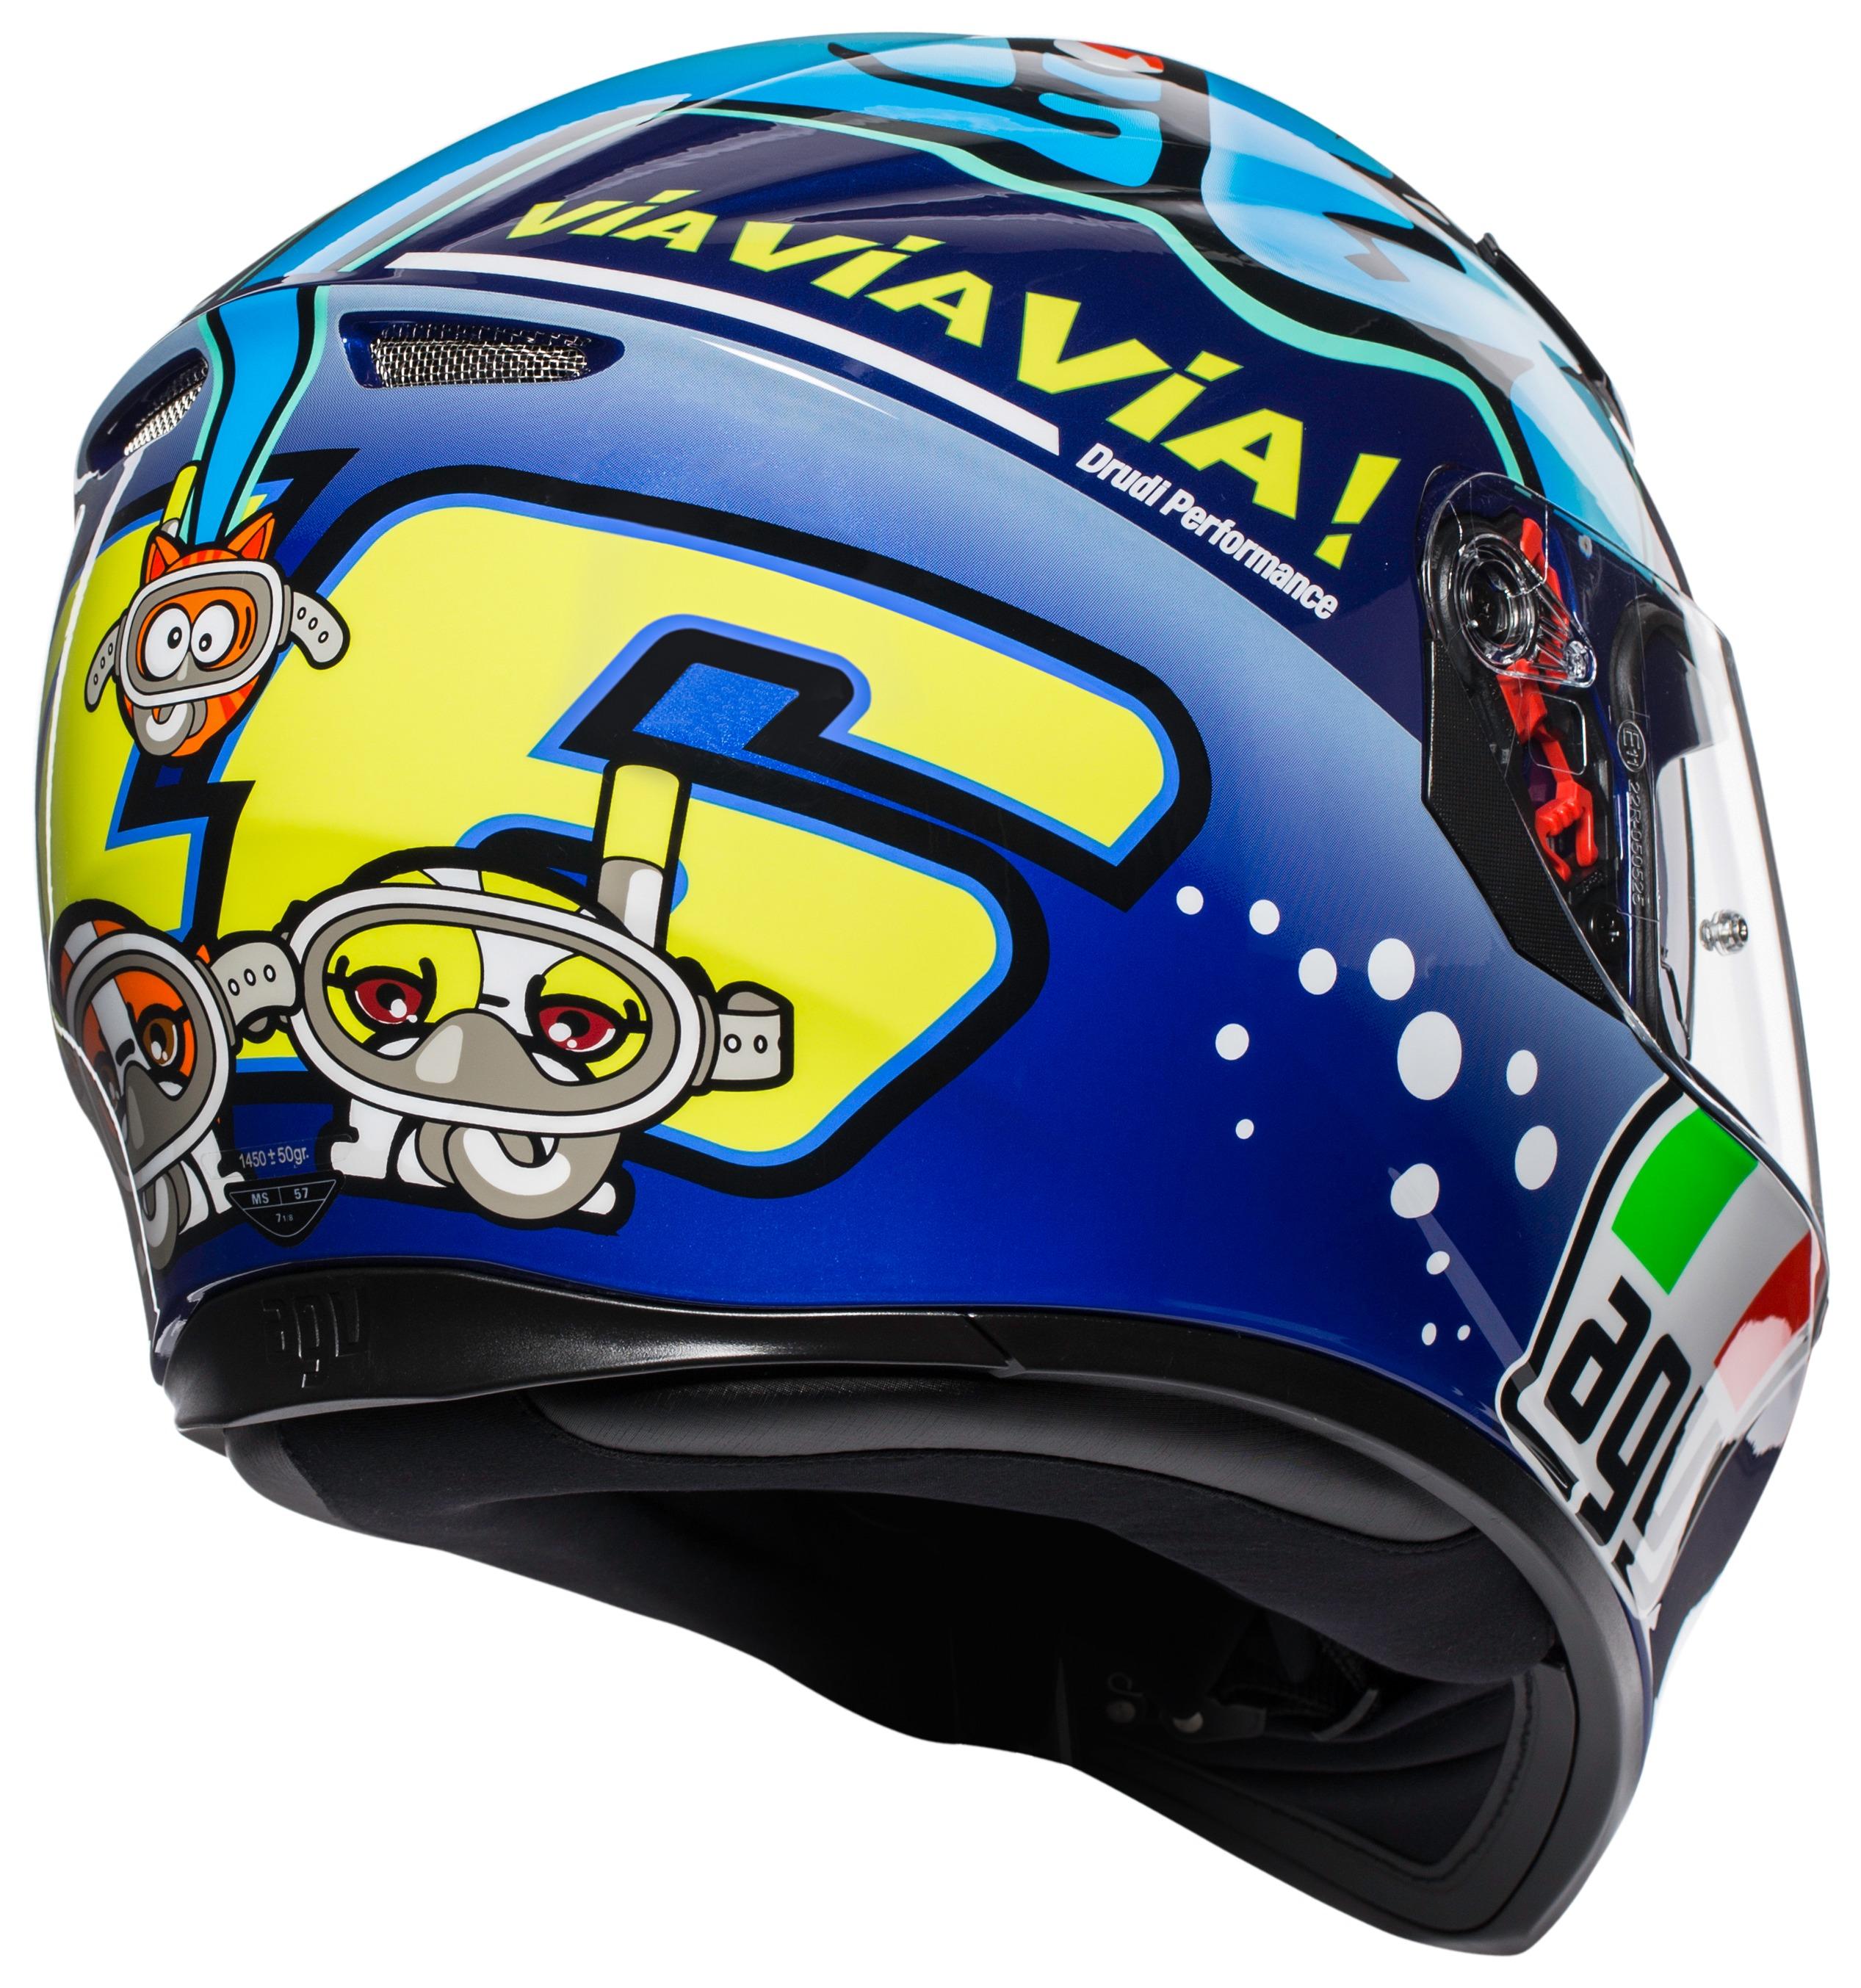 1a2be546 AGV K3 SV Rossi Misano 2015 Helmet - RevZilla